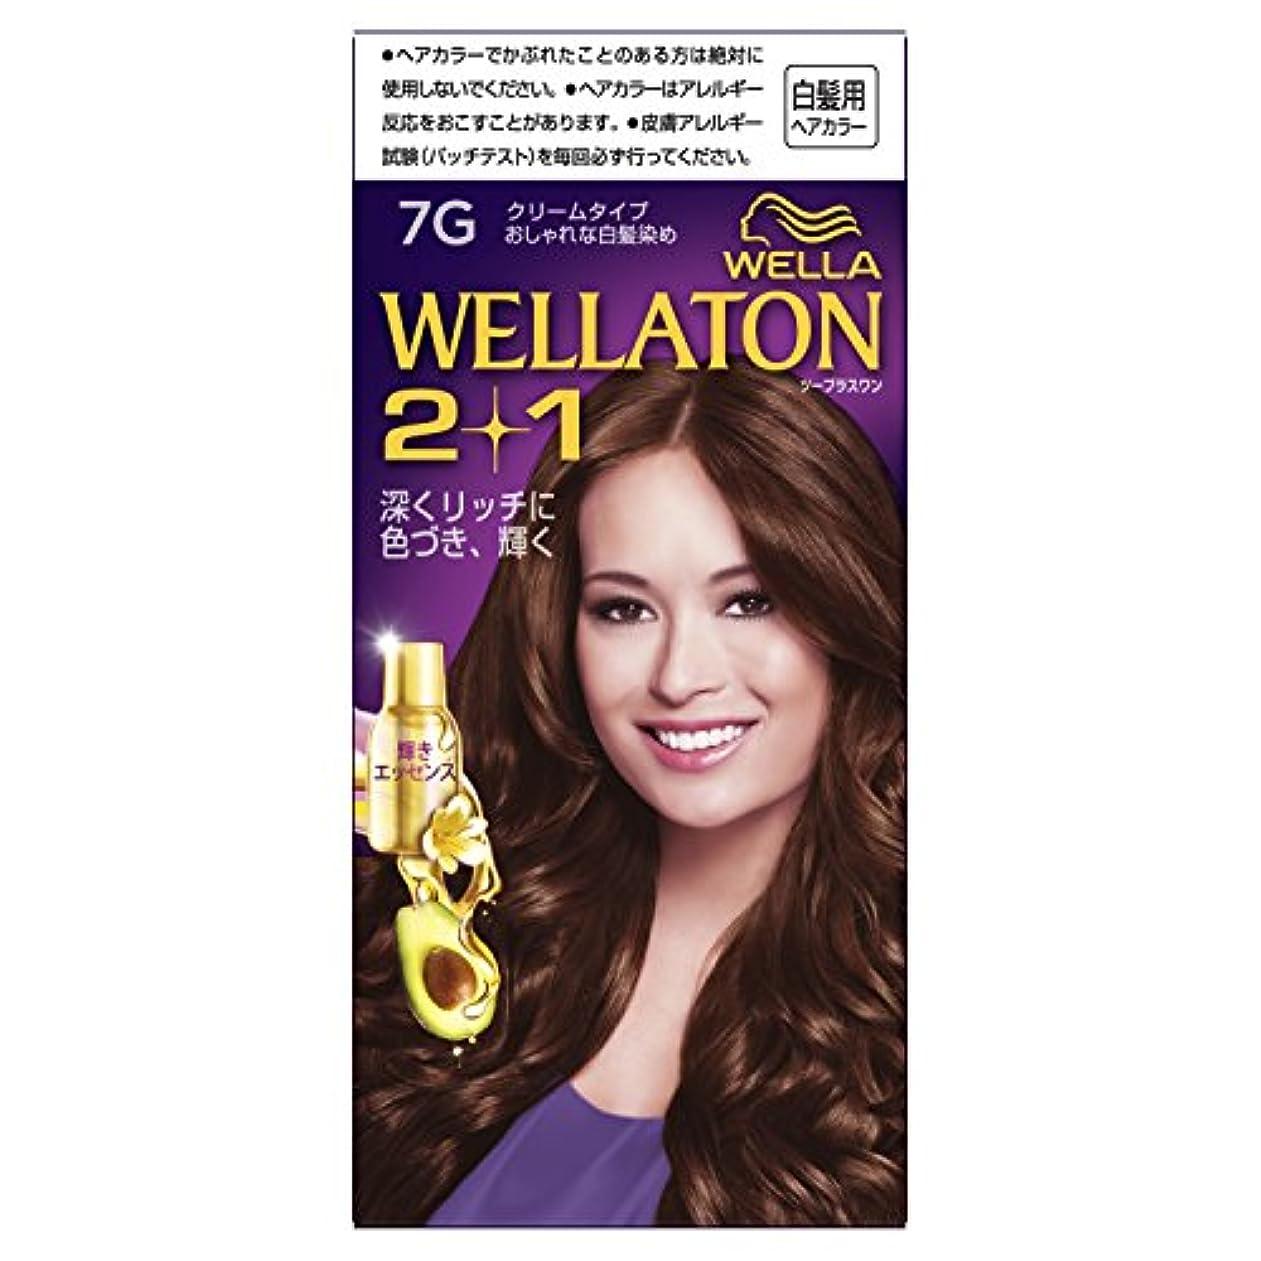 中国批判的に悪行ウエラトーン2+1 クリームタイプ 7G [医薬部外品](おしゃれな白髪染め)